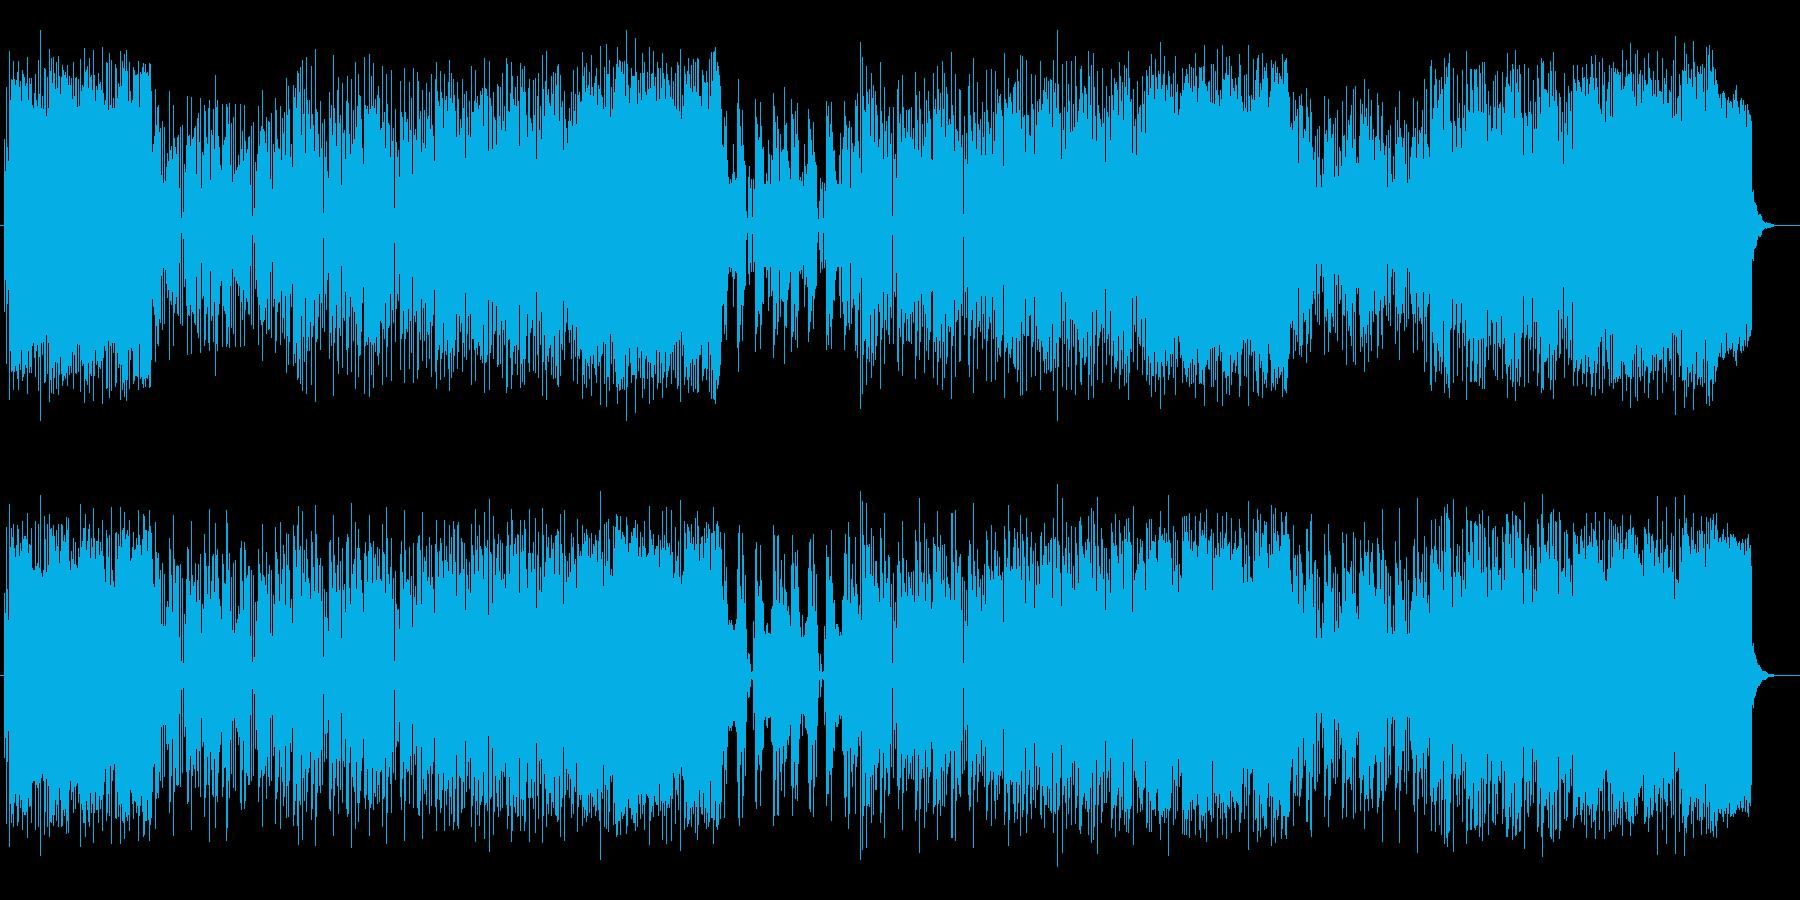 アップテンポで軽快なシンセポップスの再生済みの波形